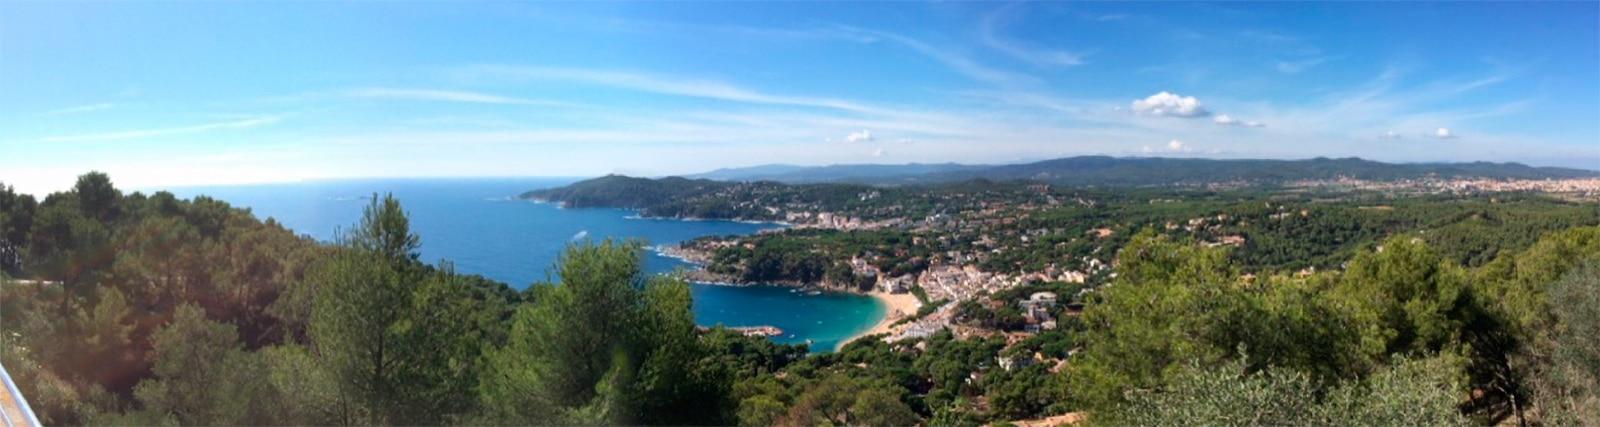 panorámica desde el Faro de San Sebastián mirando a Llafranc